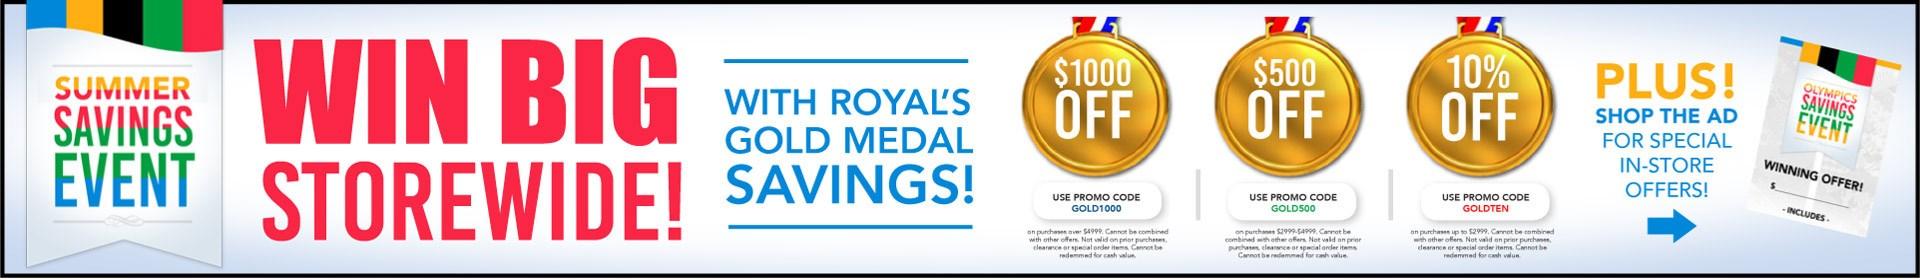 Summer Savings at Royal Furniture